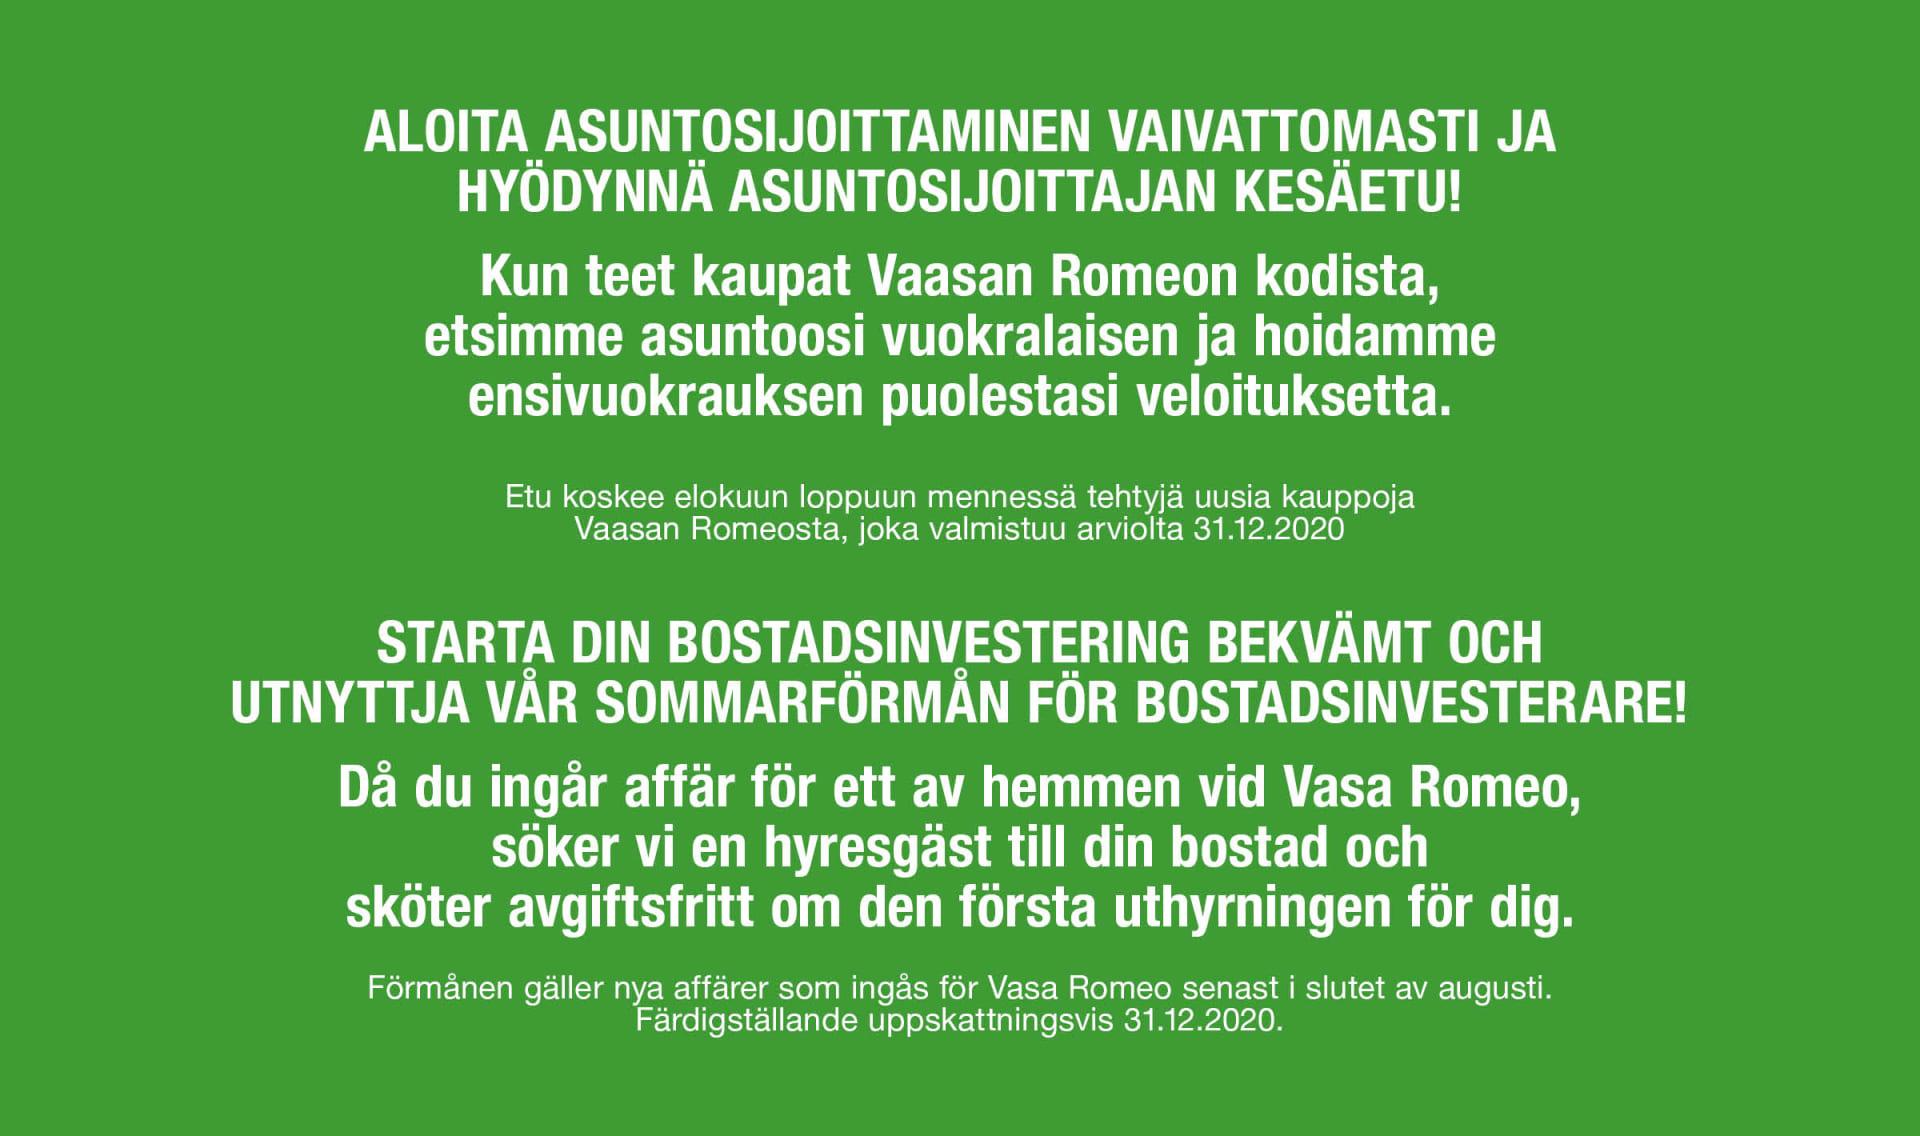 Trevian Suomi Kiinteistöt I osti kiinteistökokonaisuuden Vaasan keskustasta